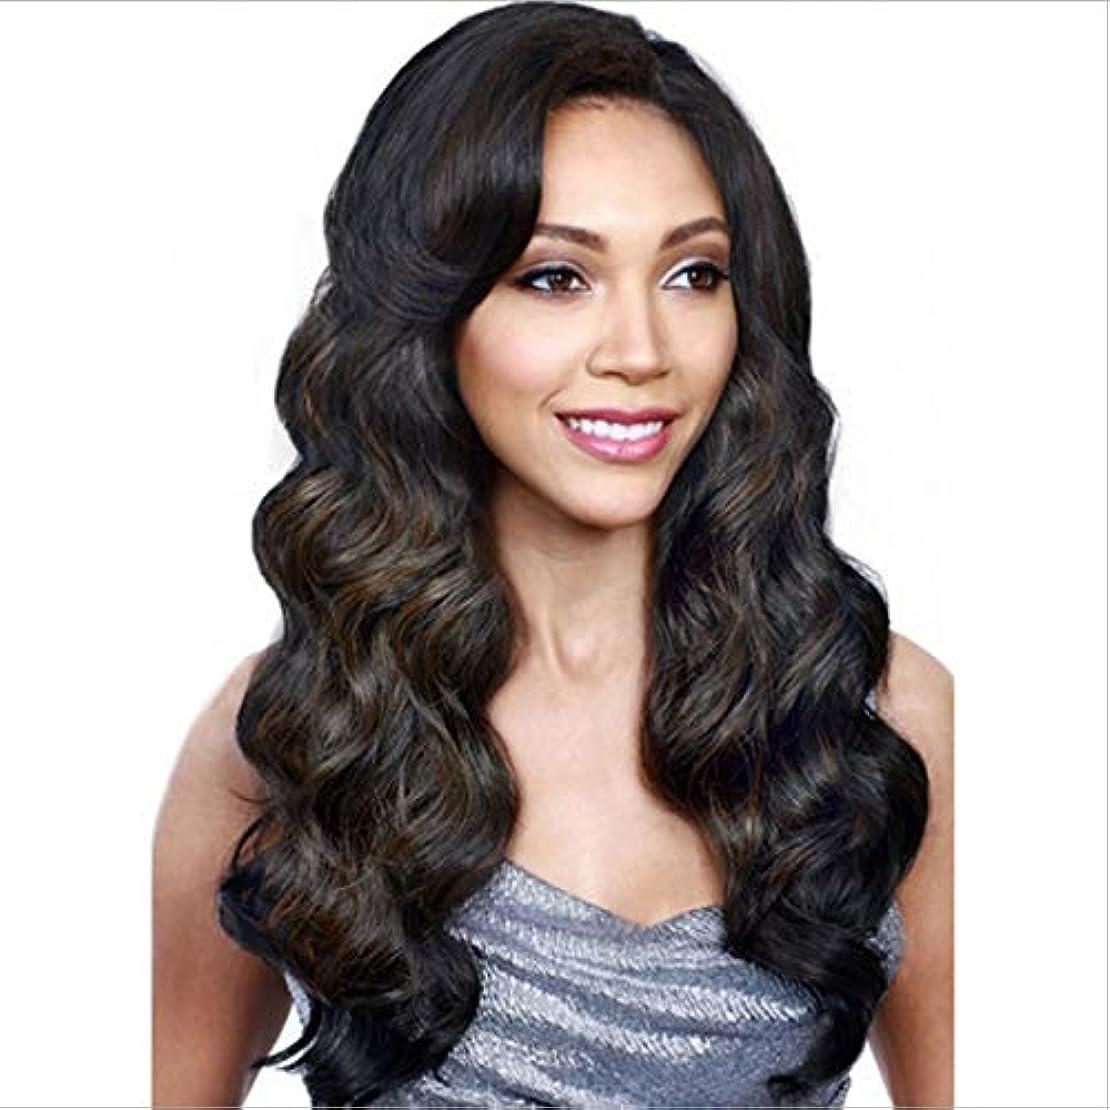 ハーブスリット間違いなくKerwinner 女性のための長い巻き毛の層状の耐熱性合成毛髪のかつらを分けてヘアセンターで合成女性のかつら